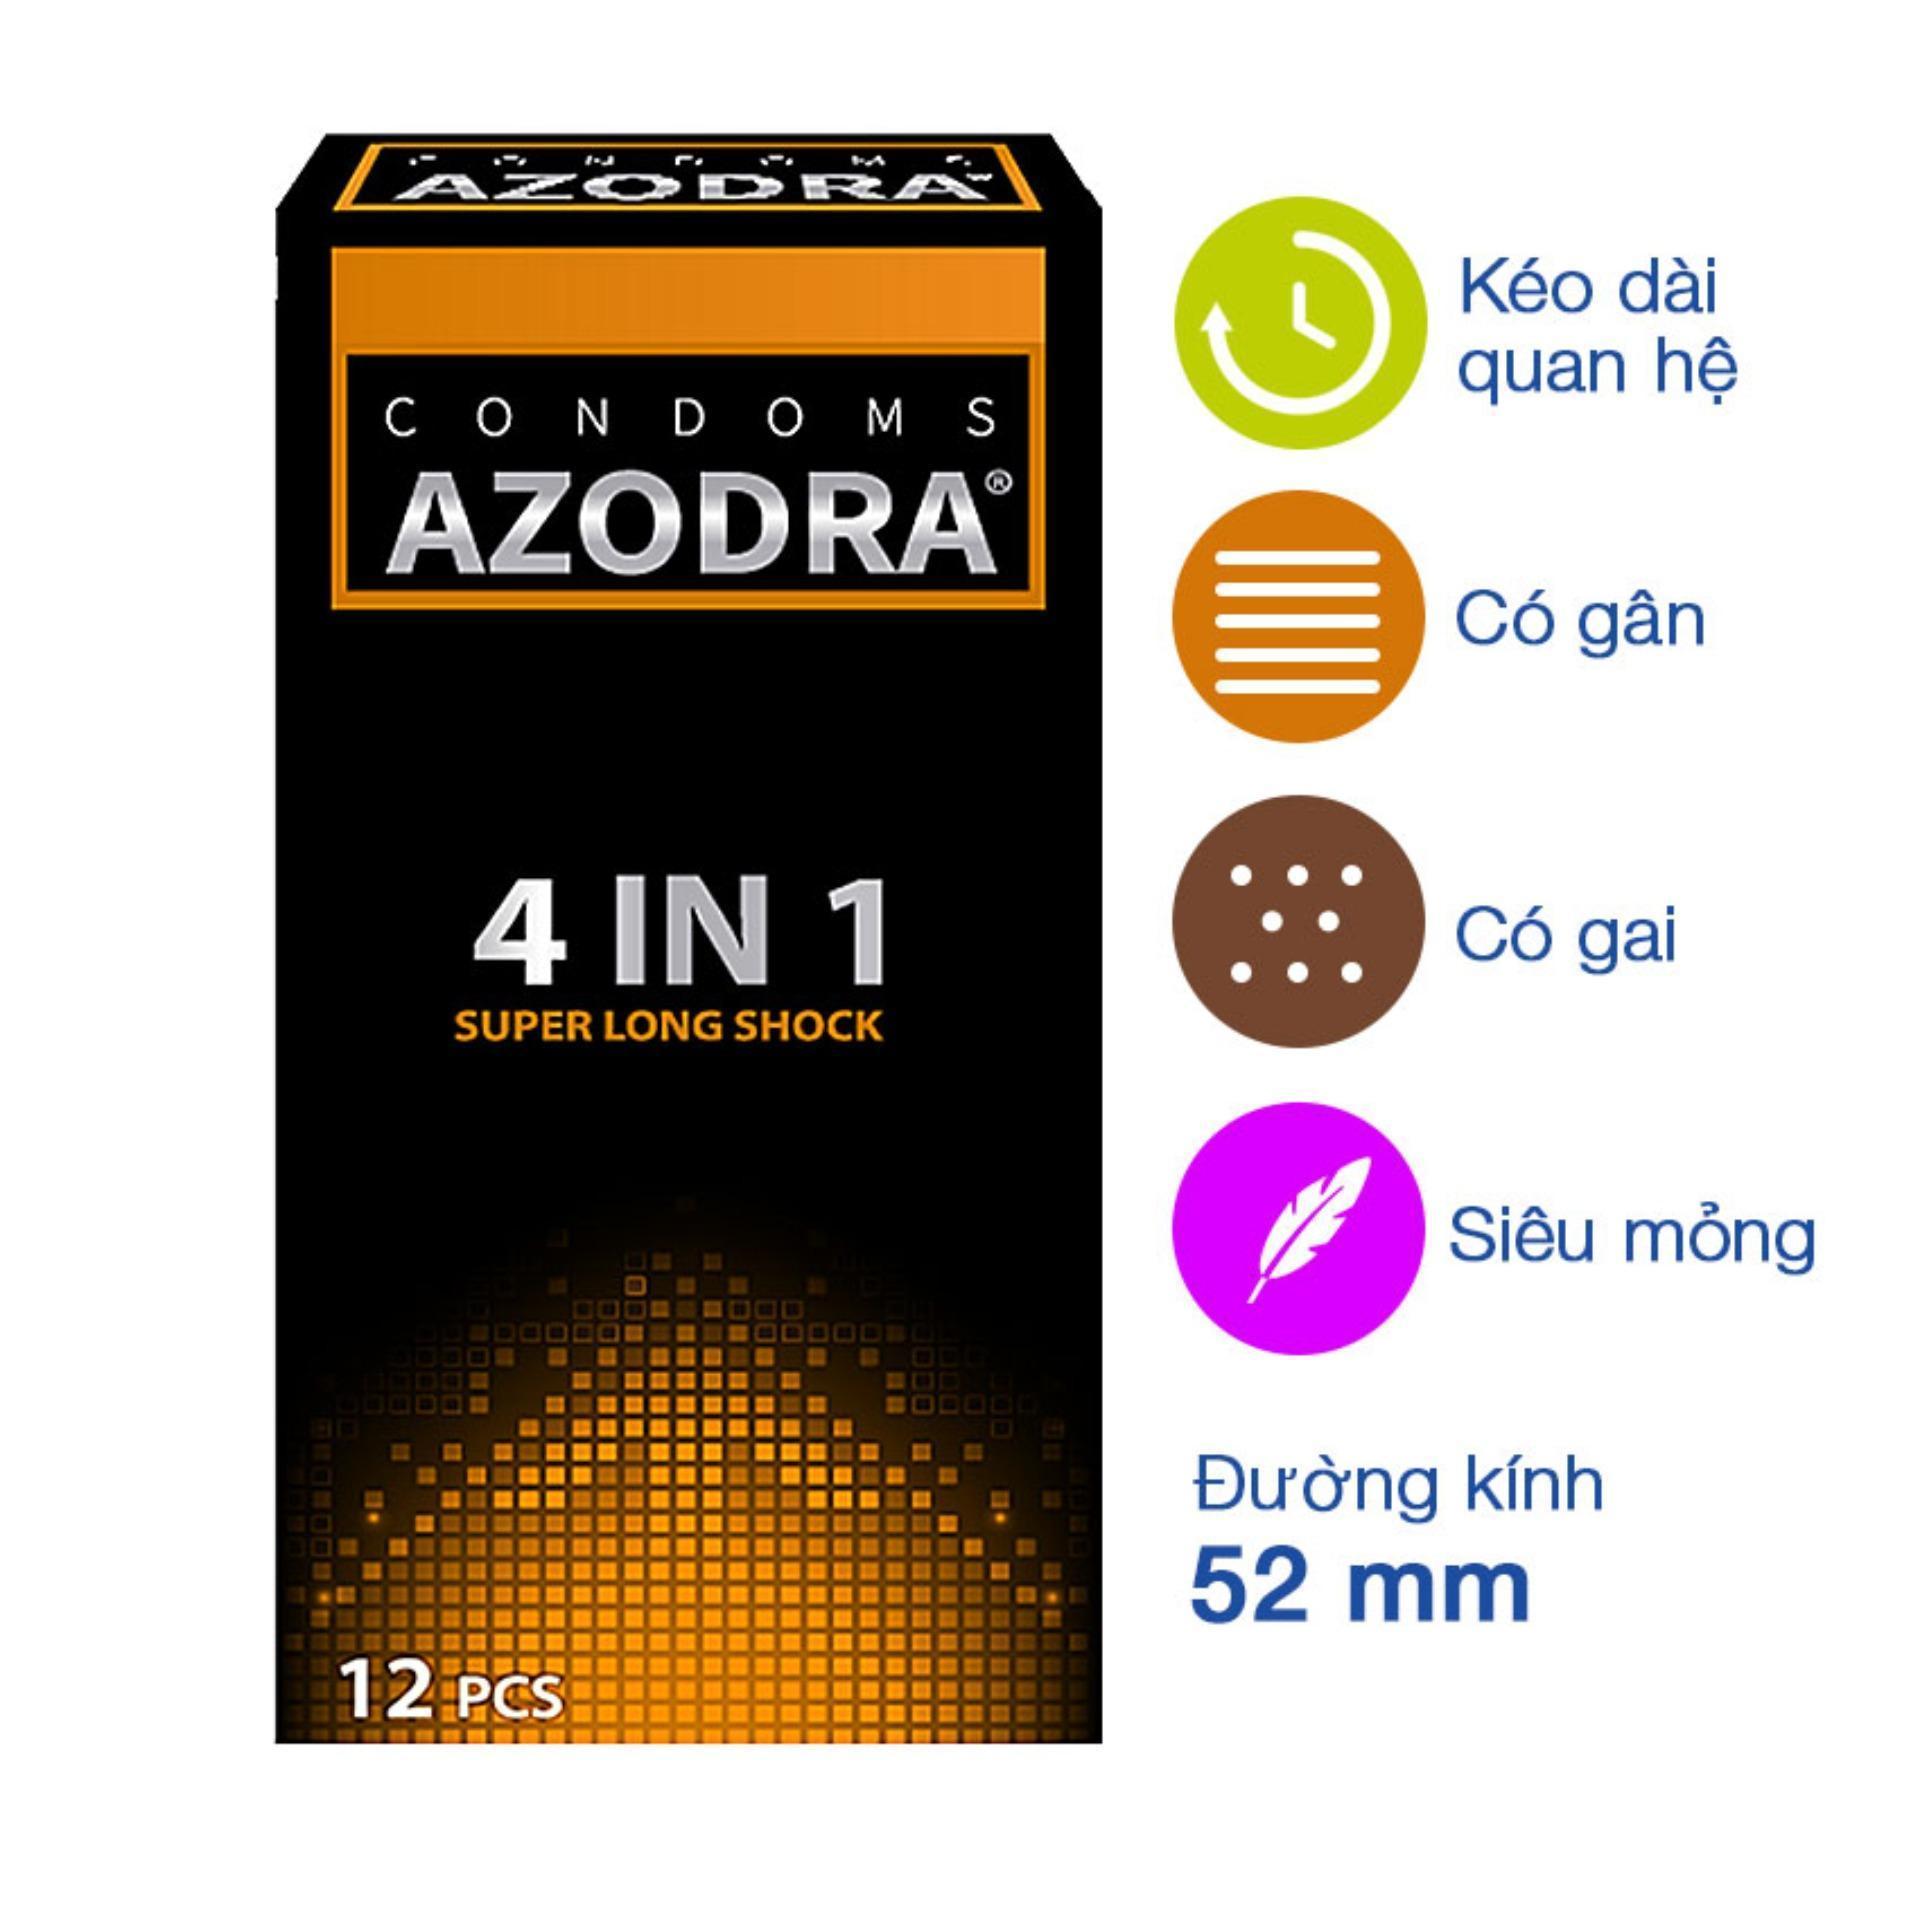 Bao cao su tổng hợp gân gai kéo dài thời gian Azodra hộp 12 cái cao cấp